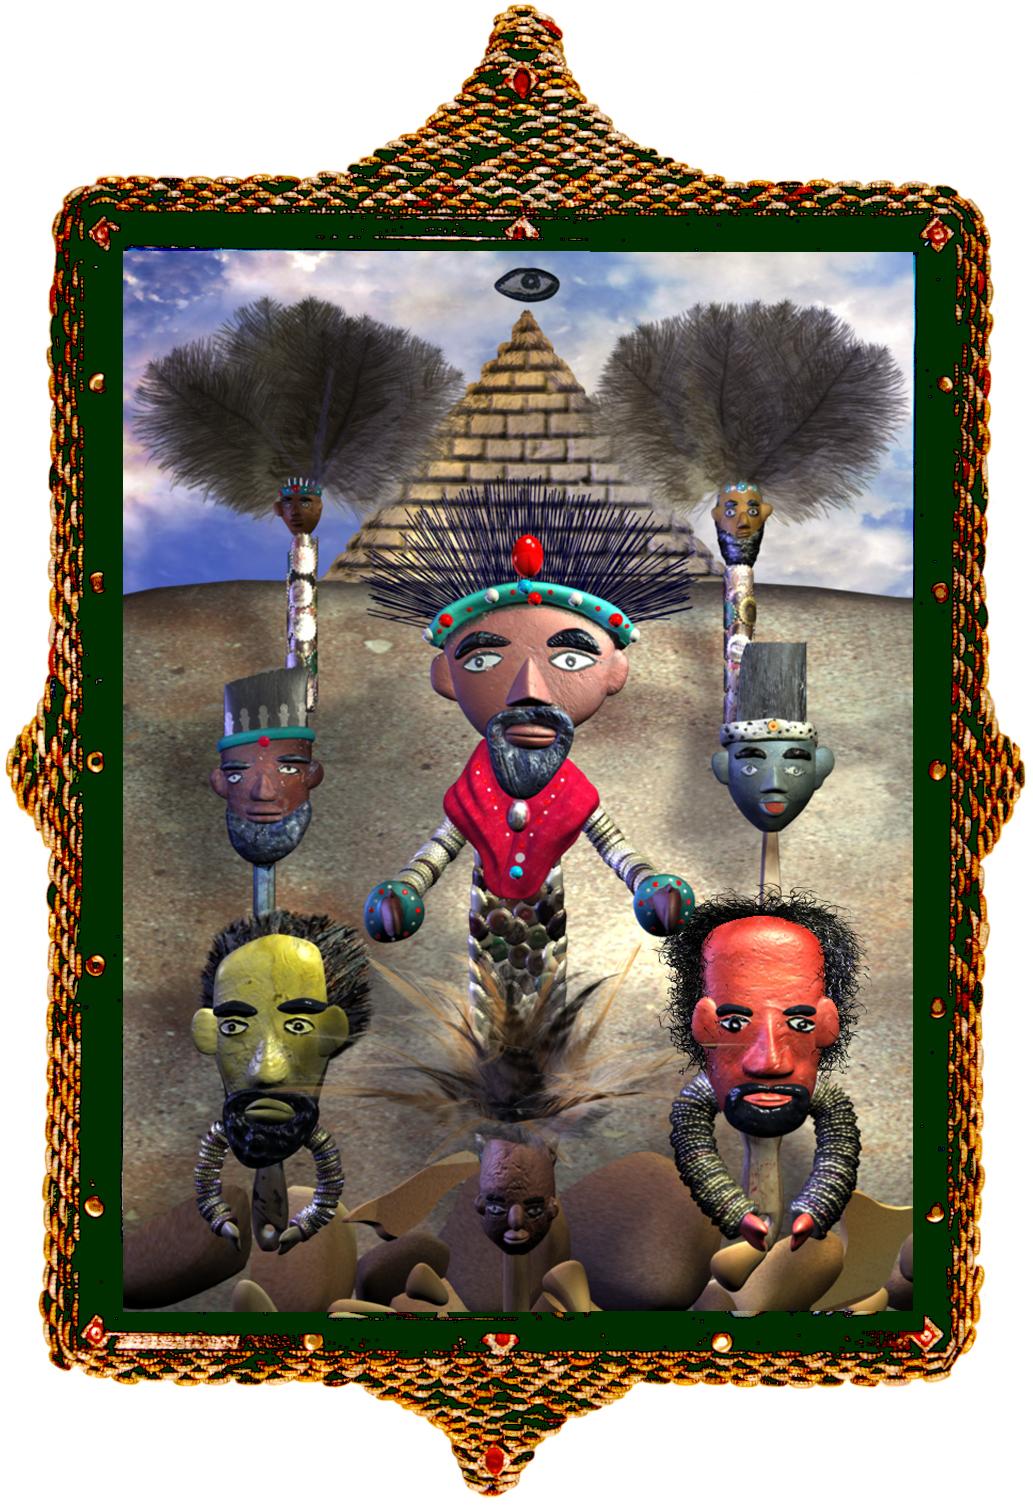 The Third Eye of Mr. I., 2002